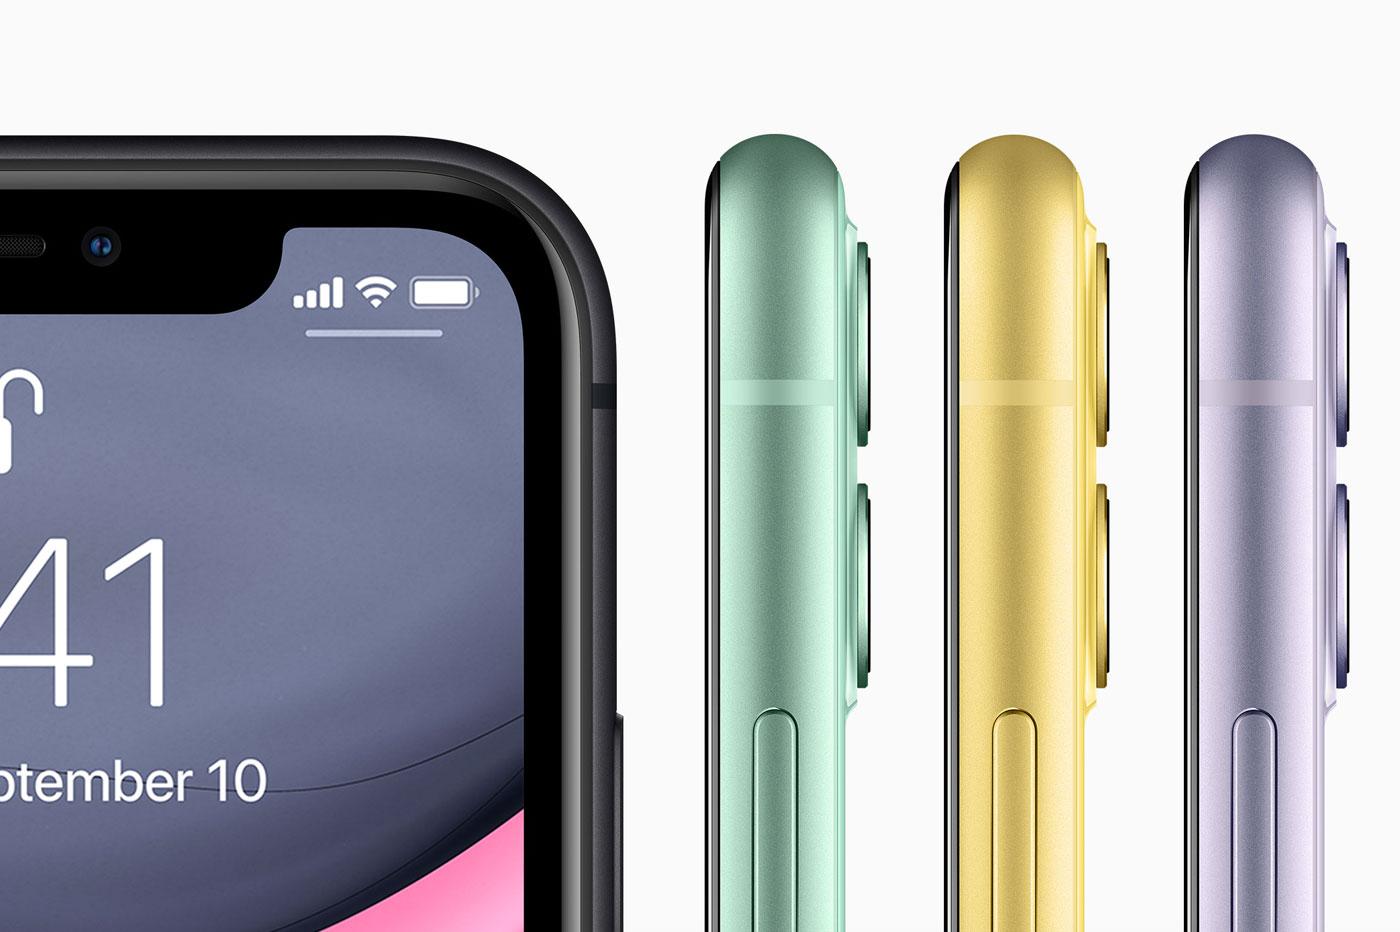 Pourquoi les ventes d'iPhone augmentent-elles depuis l'arrivée de l'iPhone 11 ?